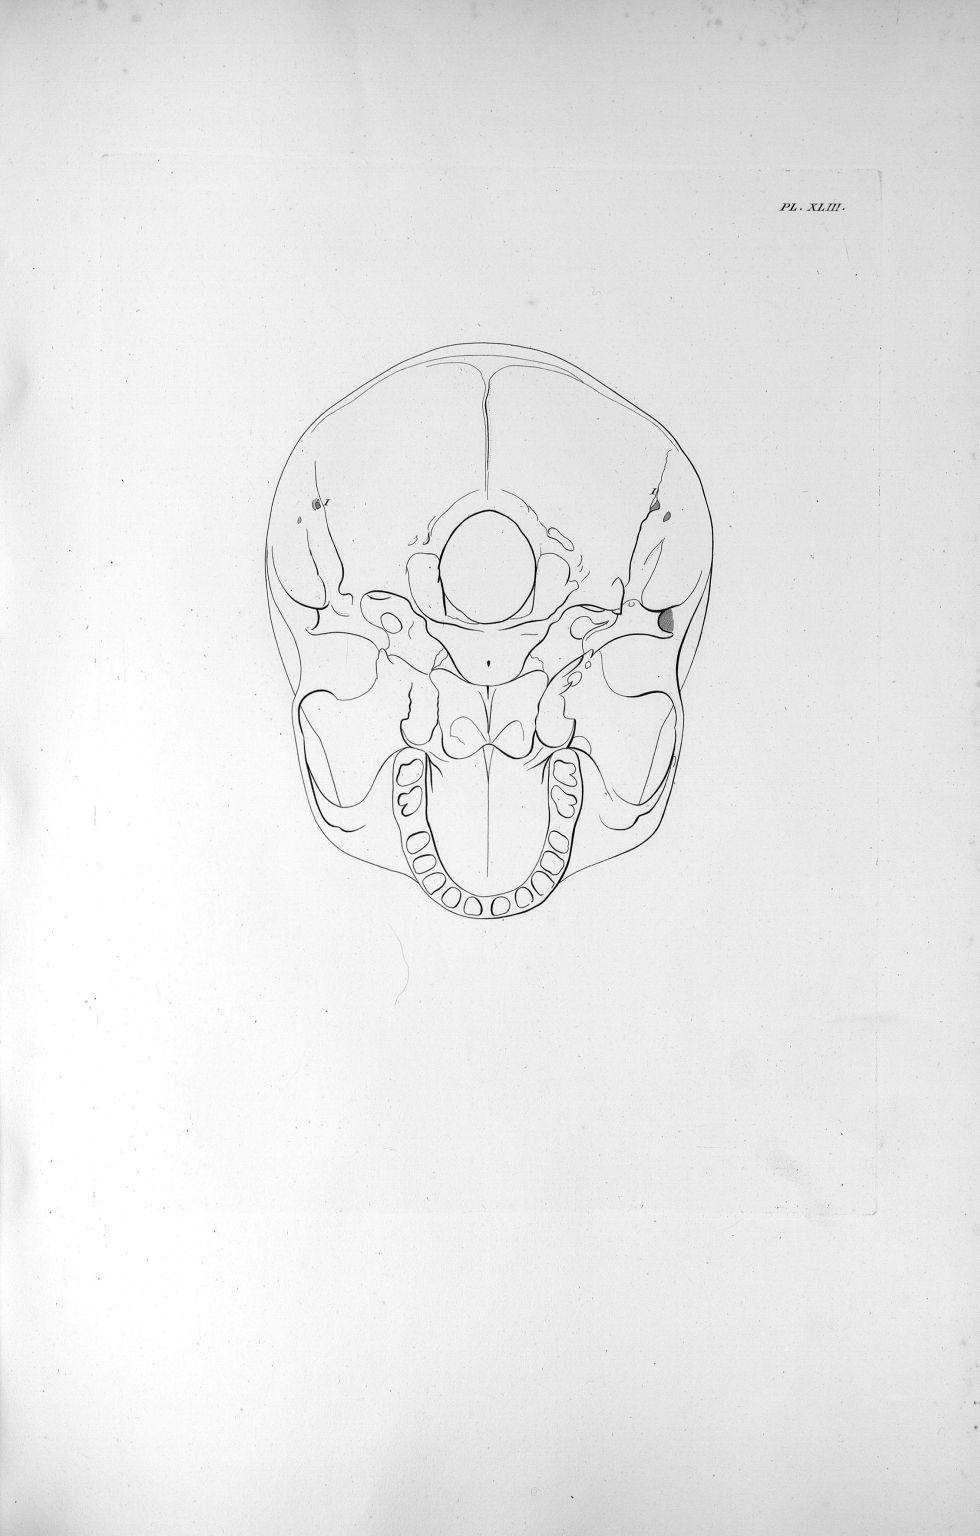 Pl. XLIII. La base du crâne d'un adulte avec le développement ordinaire du cervelet - Anatomie et ph [...] - Anatomie. Neurologie. Crânes. 19e siècle (France) - med00575xatlasx0053